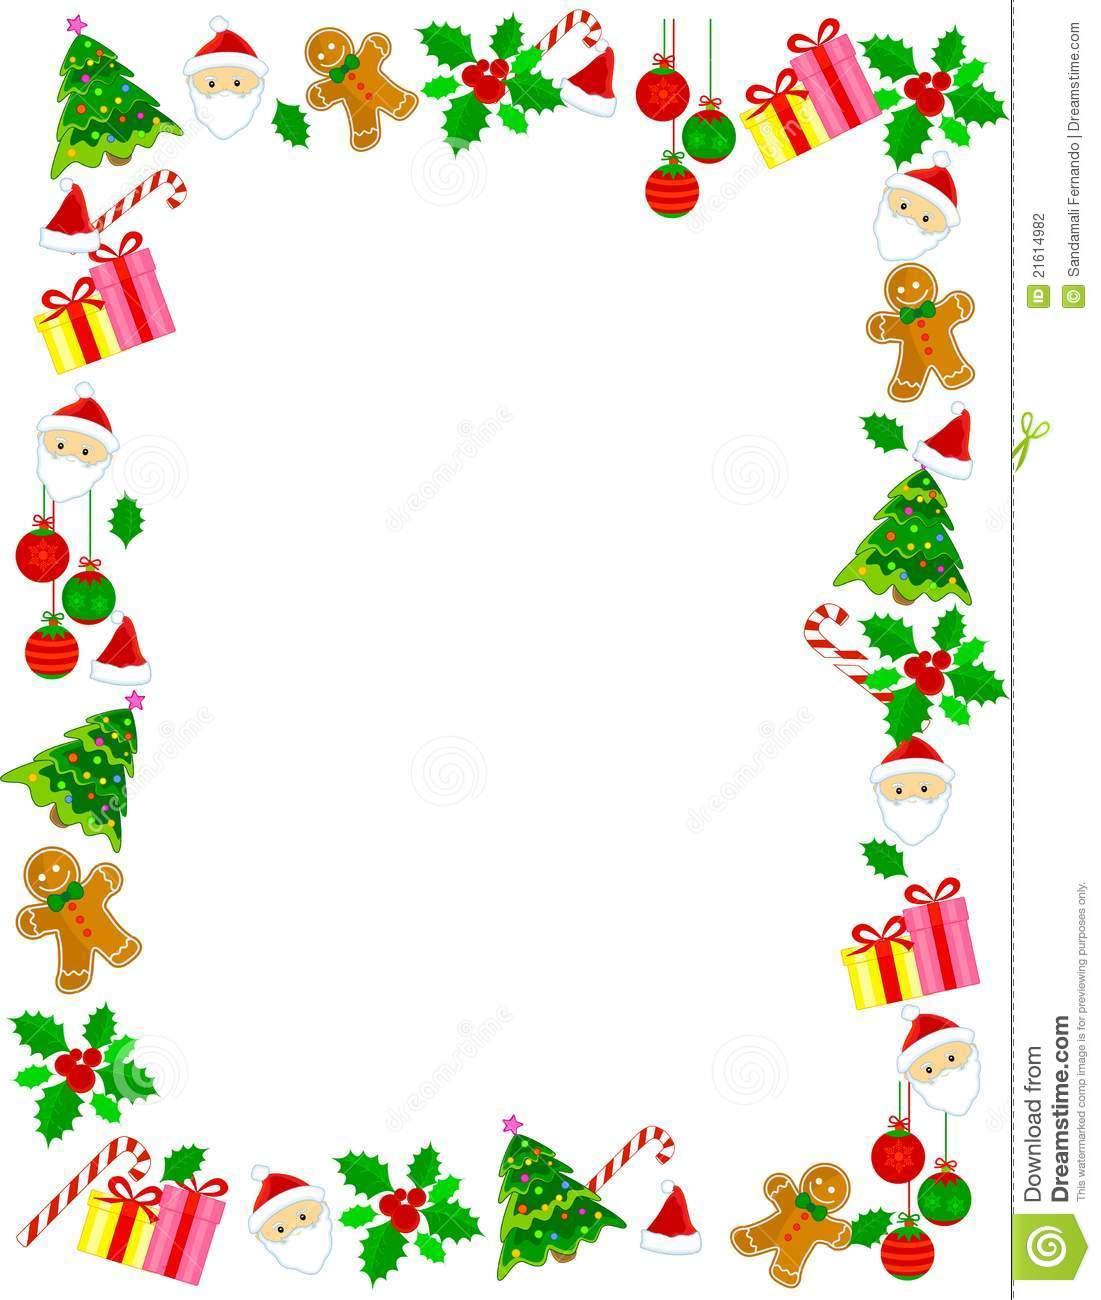 Christmas border frame illustration megapixl jpg.